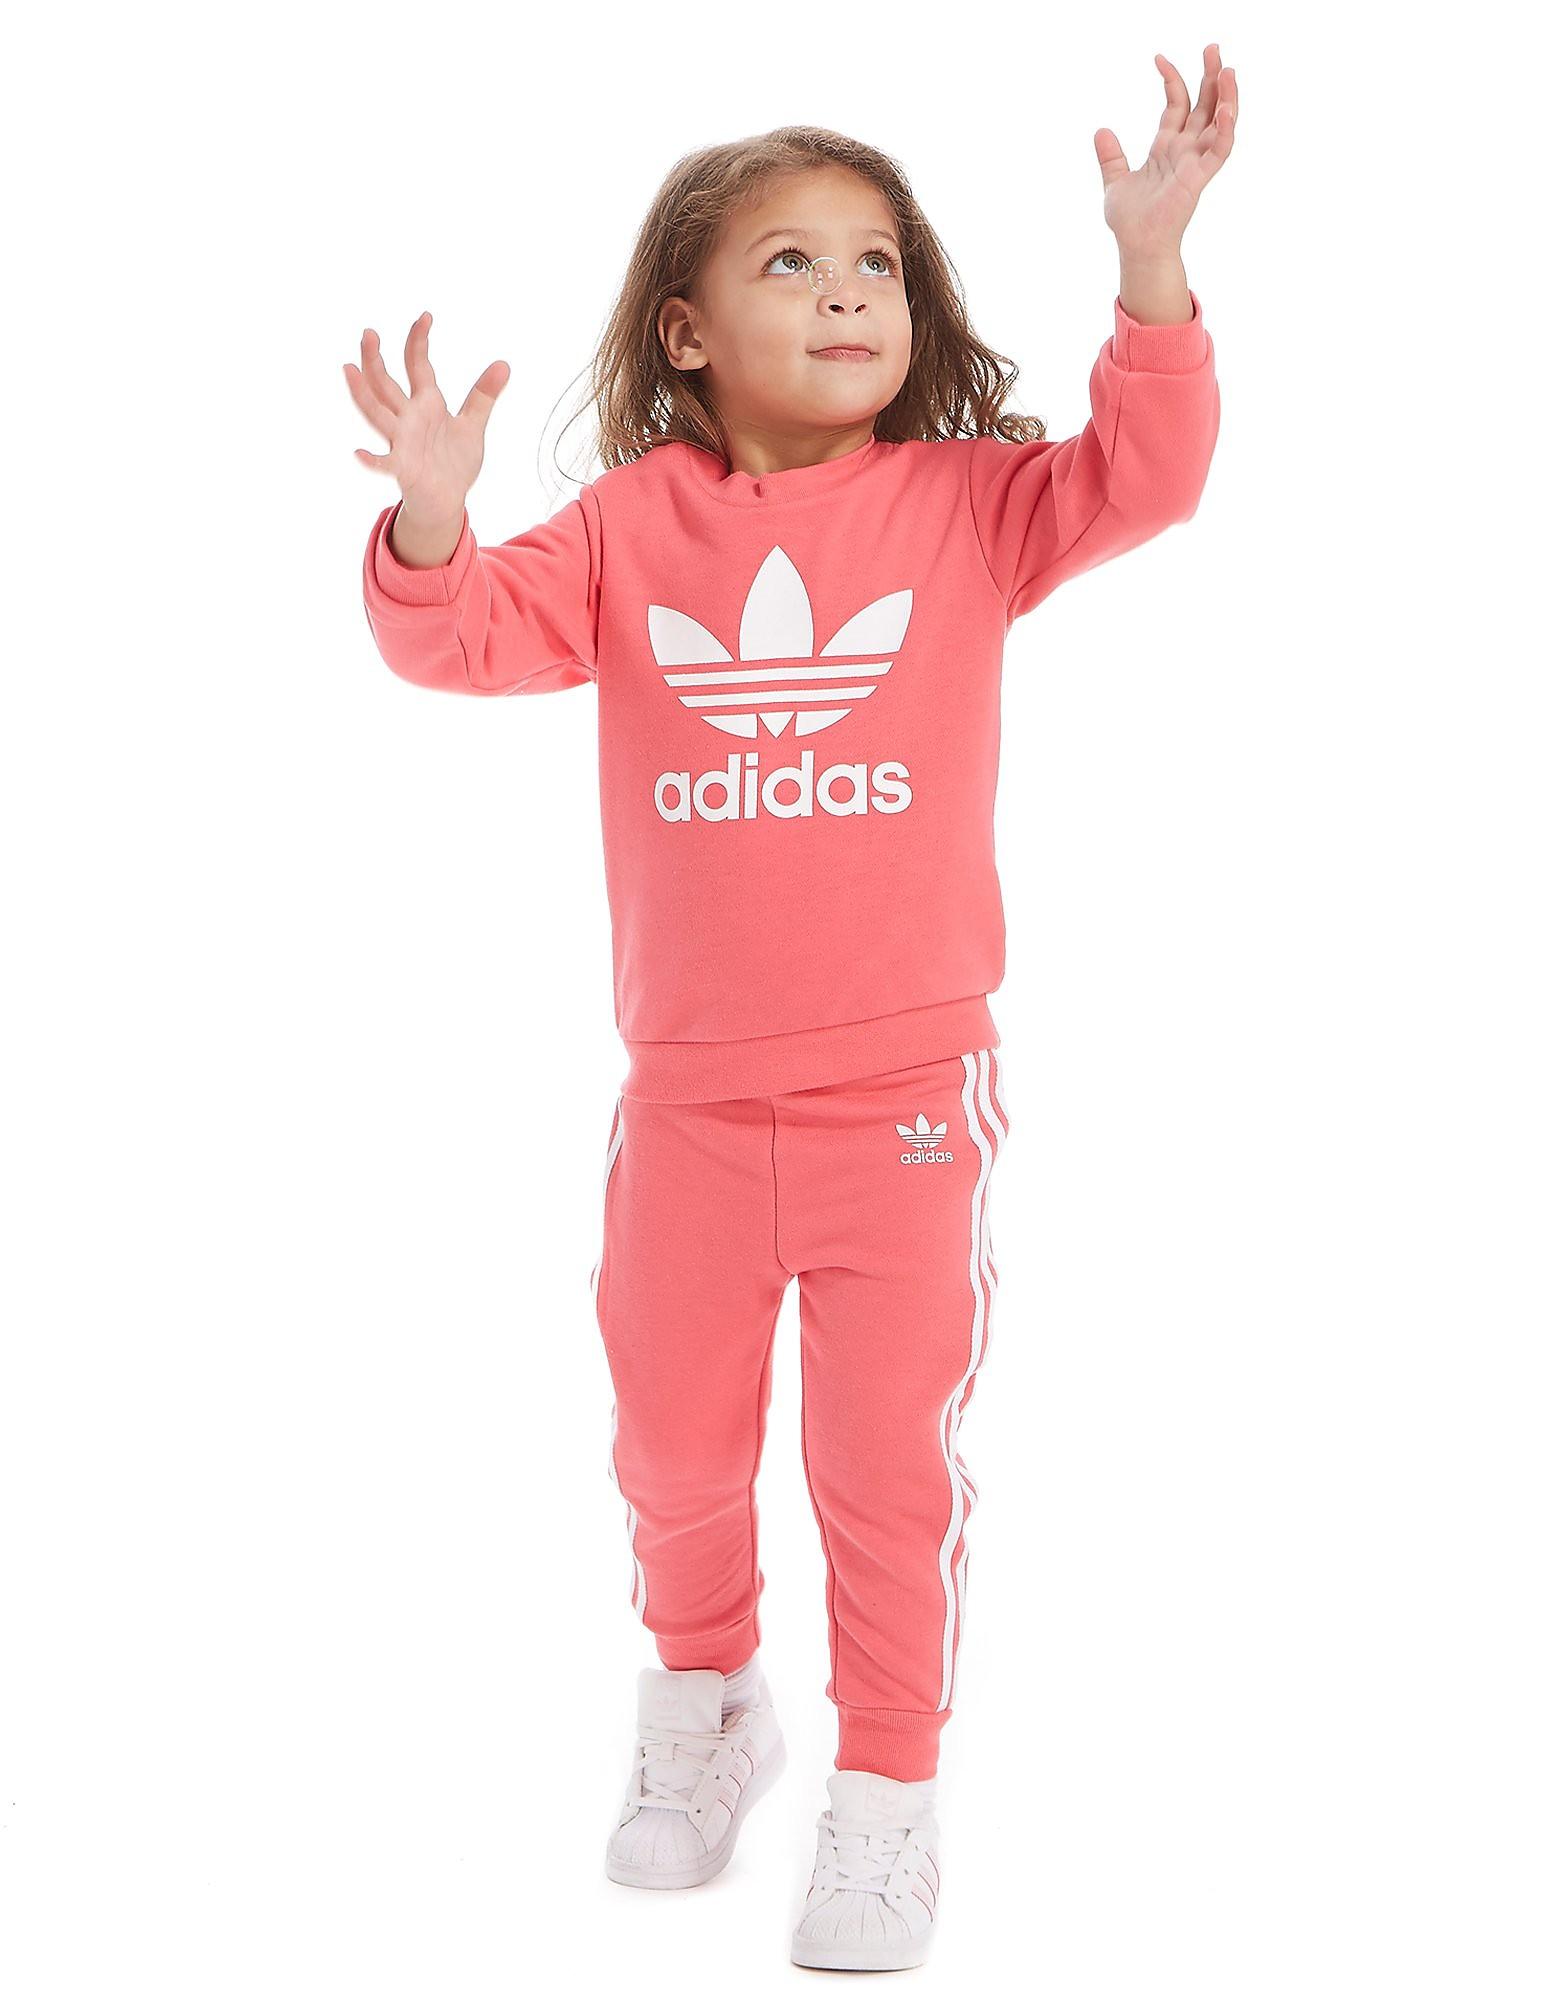 adidas Originals Girls' Adicolor Crew Suit Infant